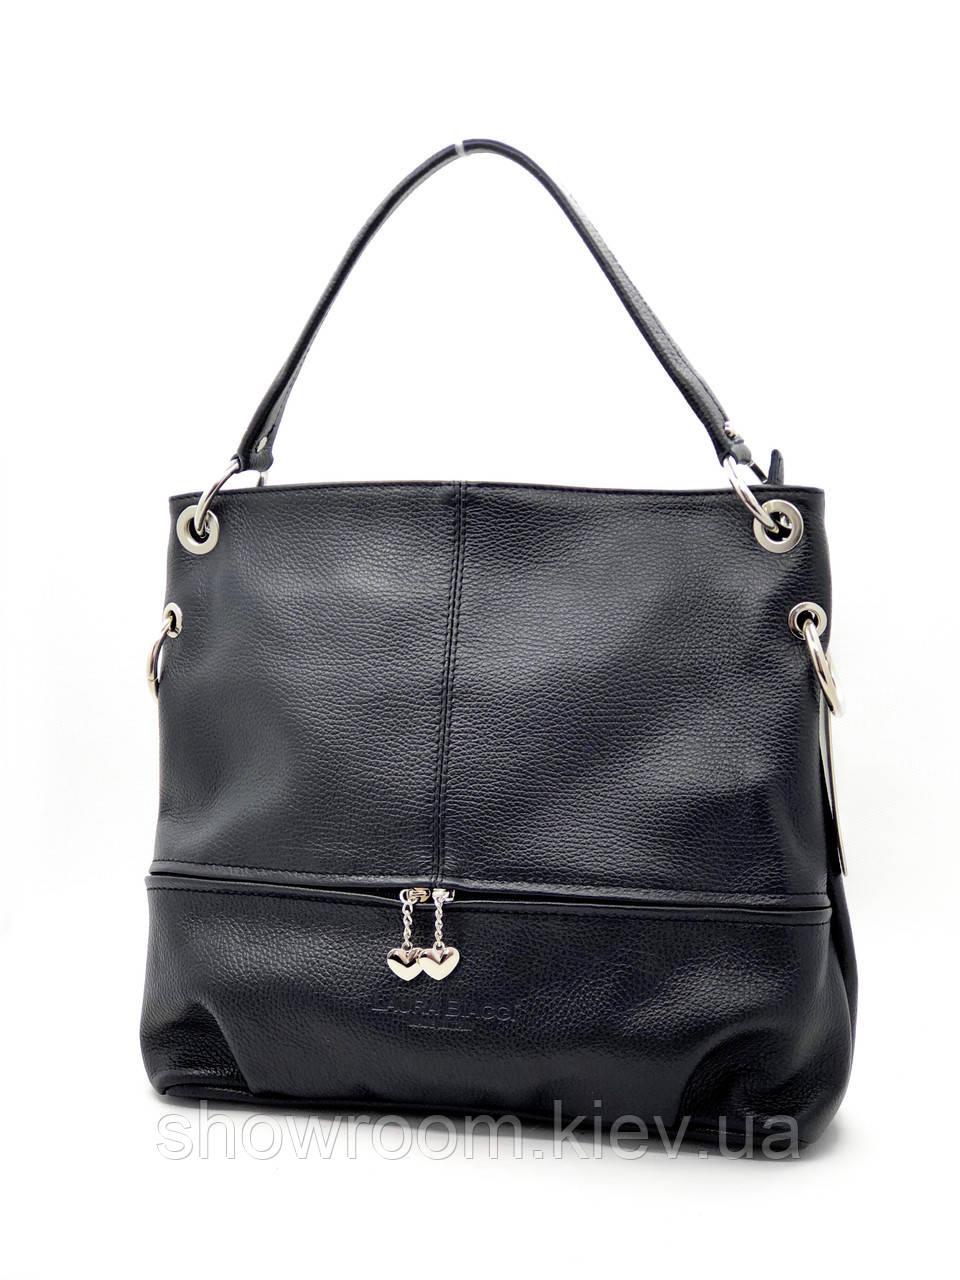 Сумка шоппер женская Laura Biaggi (54-03) кожаная черная